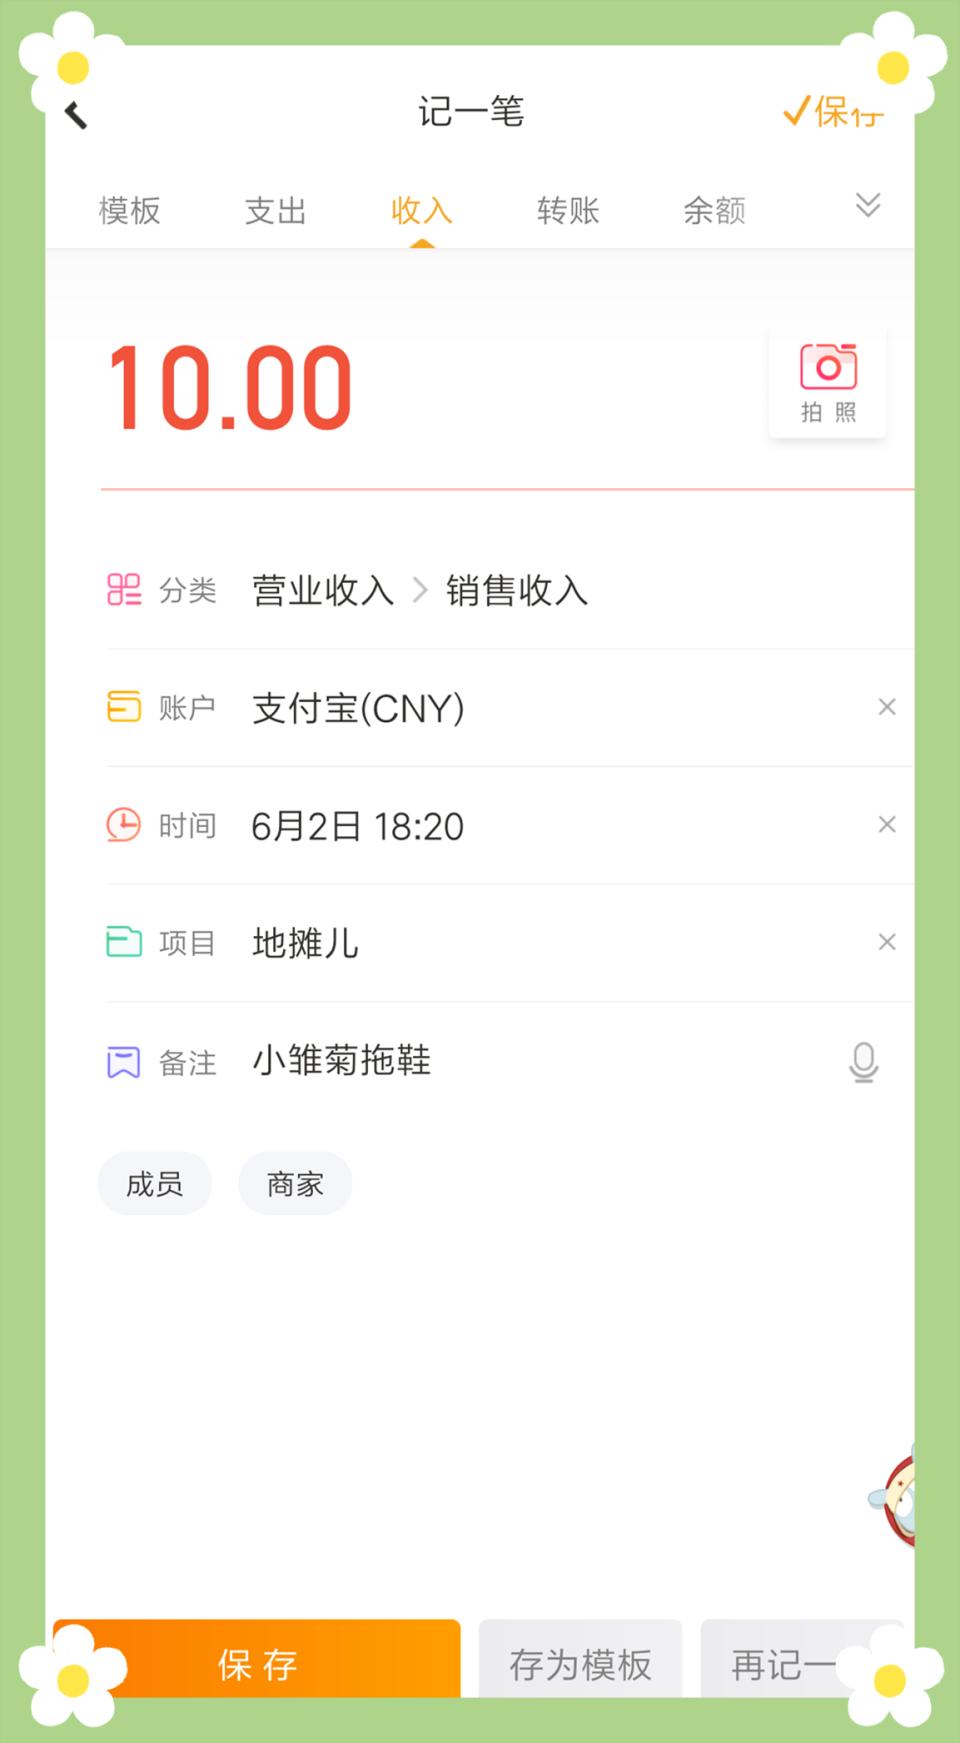 QQ图片20200624152327_副本.png